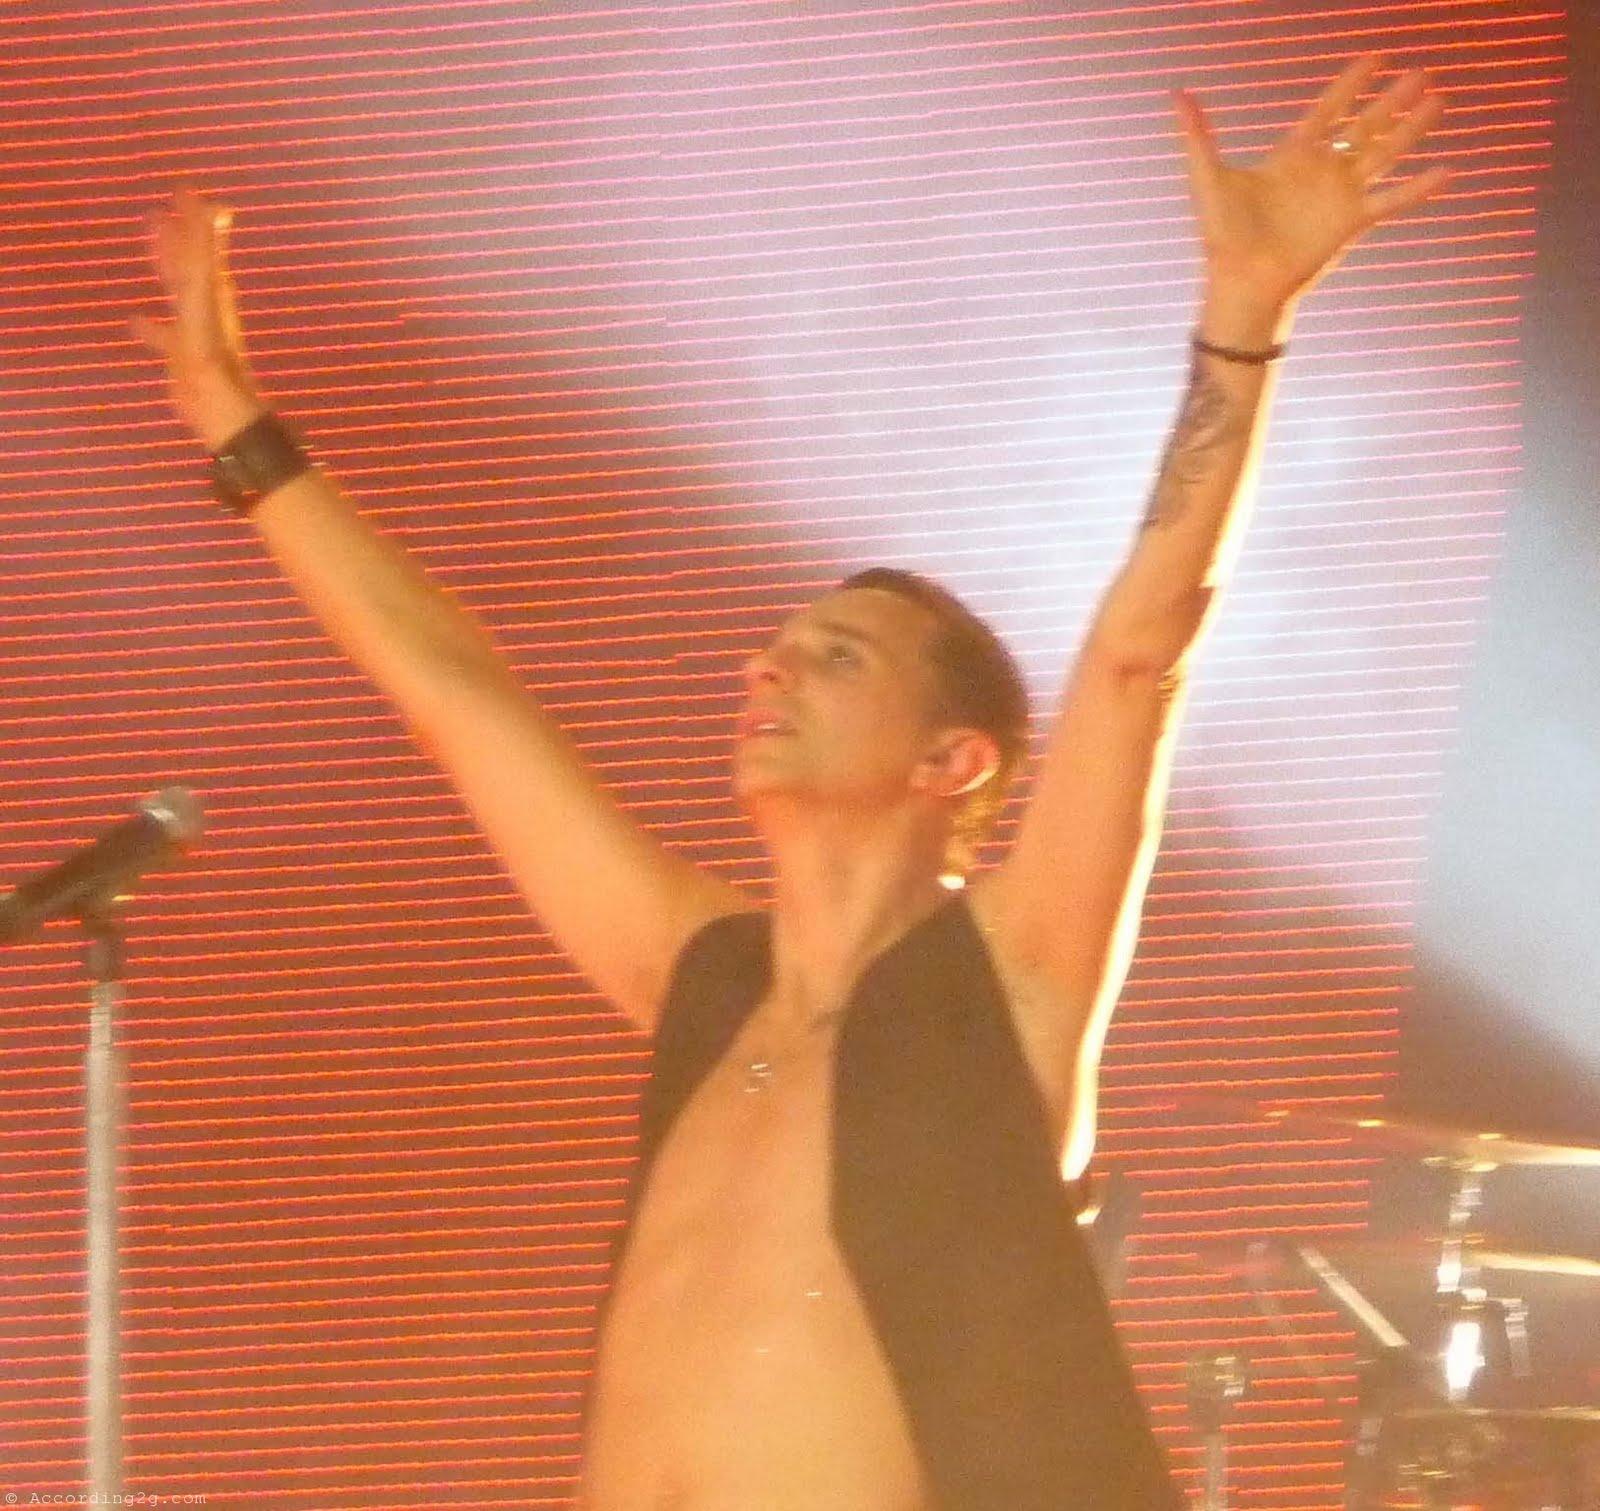 http://1.bp.blogspot.com/-oLyQbhhrPsU/TkgqY8AmiCI/AAAAAAAABl0/7_MosIhMfGg/s1600/Depeche-Mode-Live-DVD.jpg